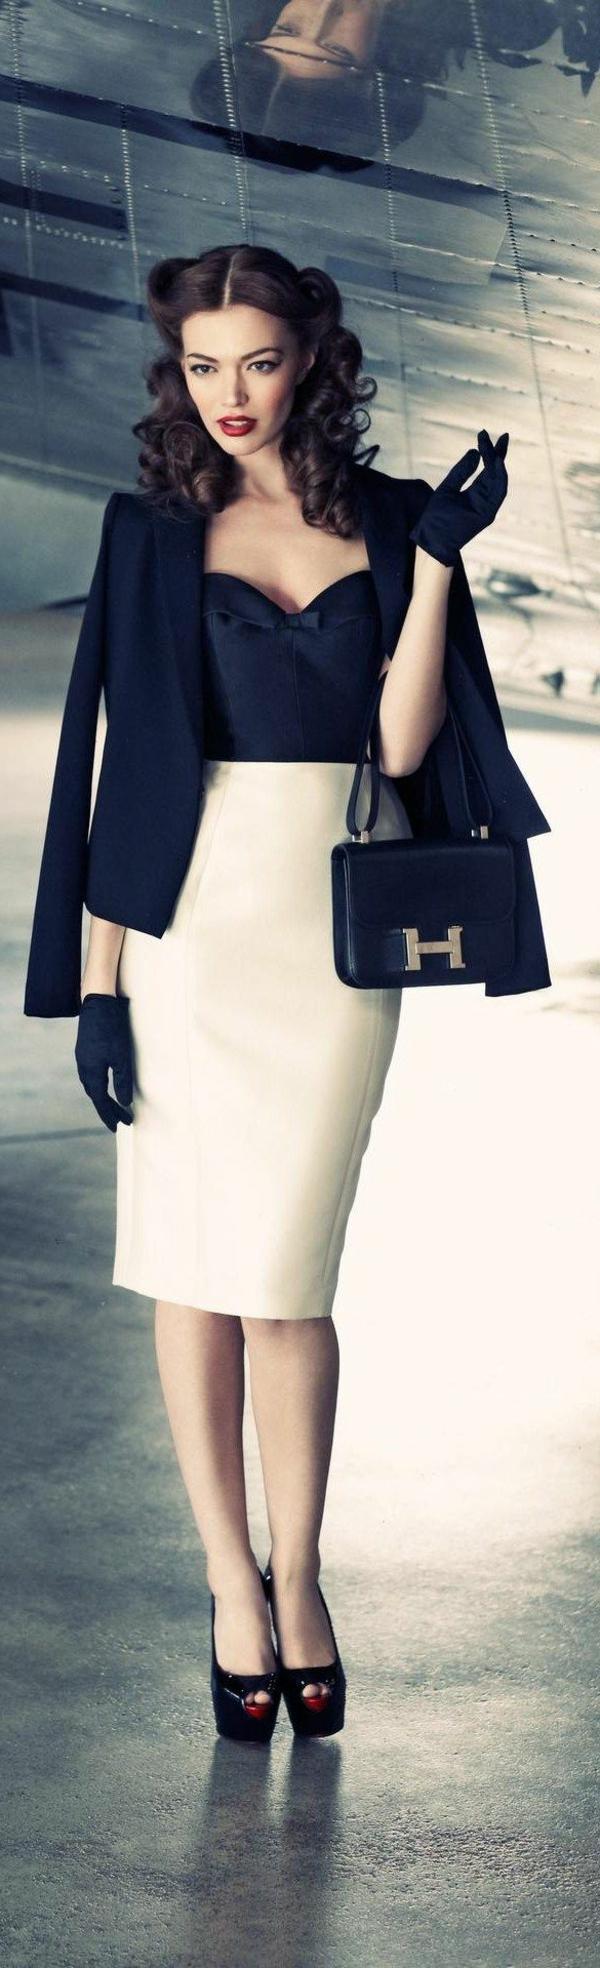 tenue-du-jour-classique-robe-quotidienne-luxeuse